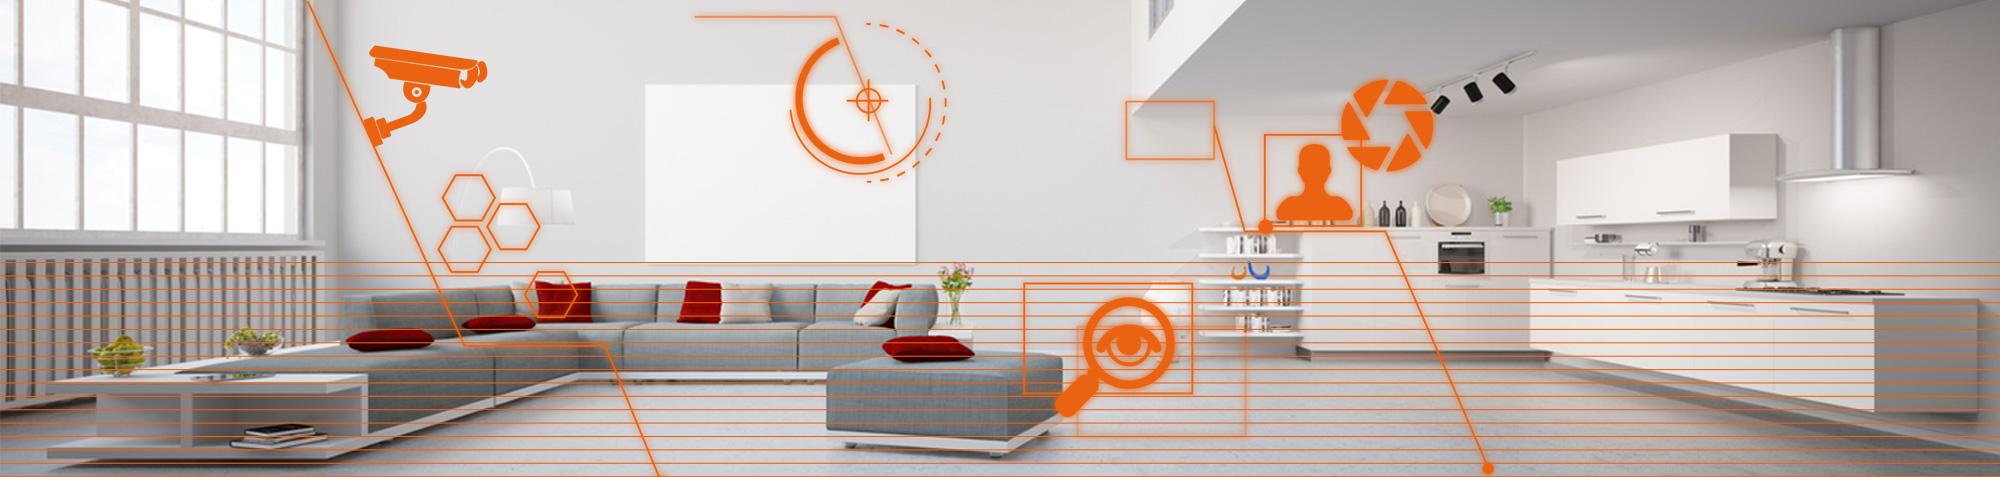 ves protection alarme et cam ra pour la protection de maisons et d 39 appartements. Black Bedroom Furniture Sets. Home Design Ideas